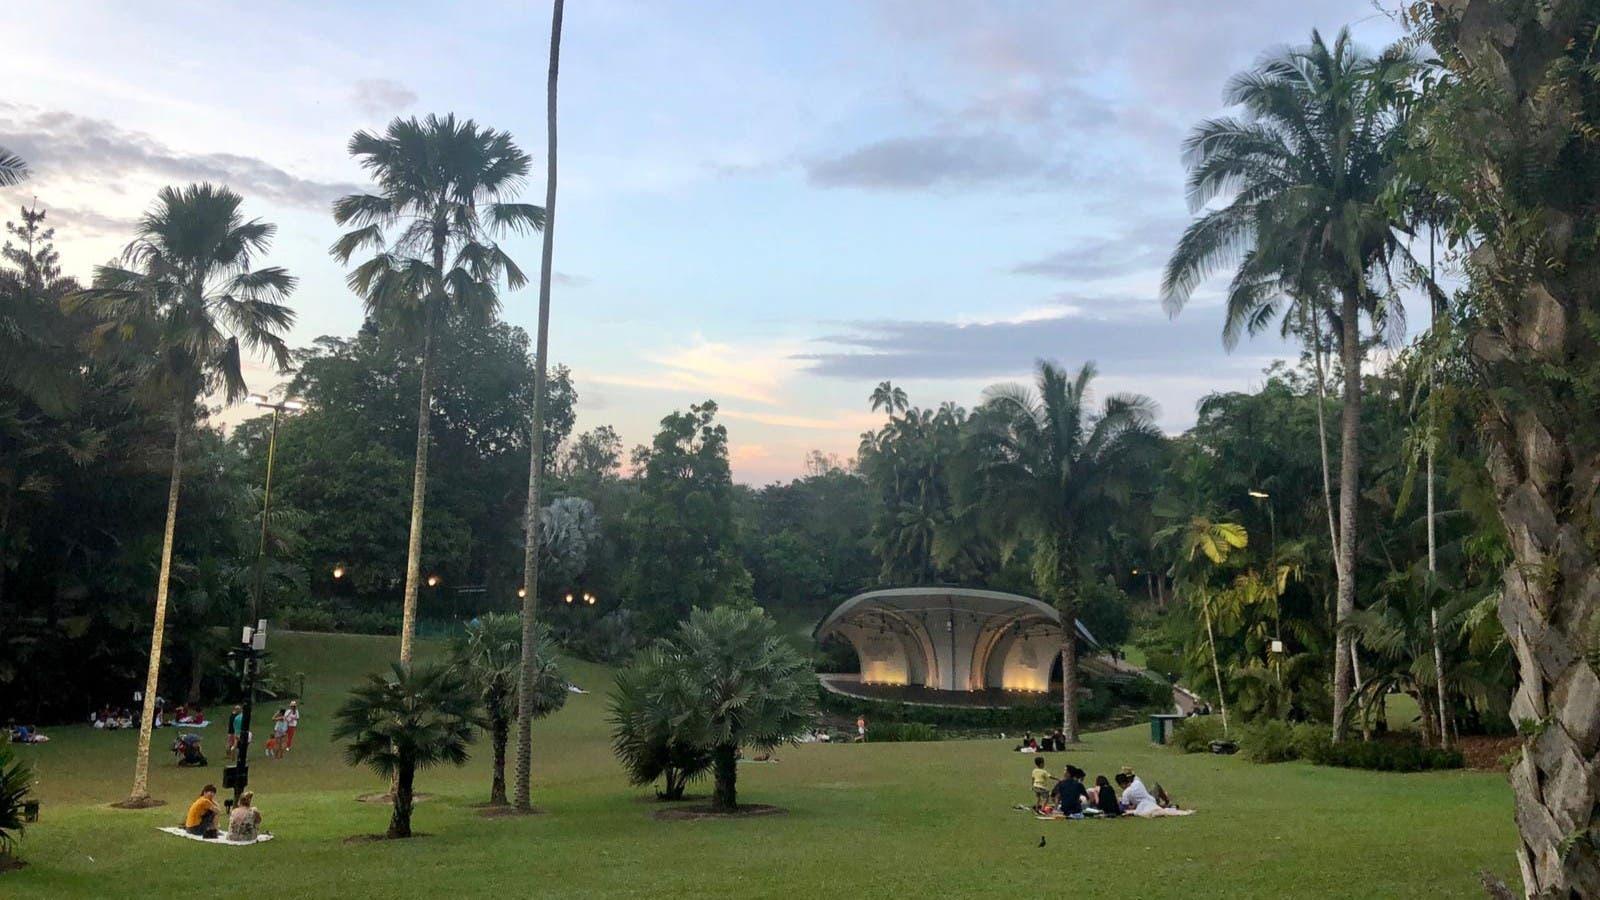 El jardín botánico de Singapur